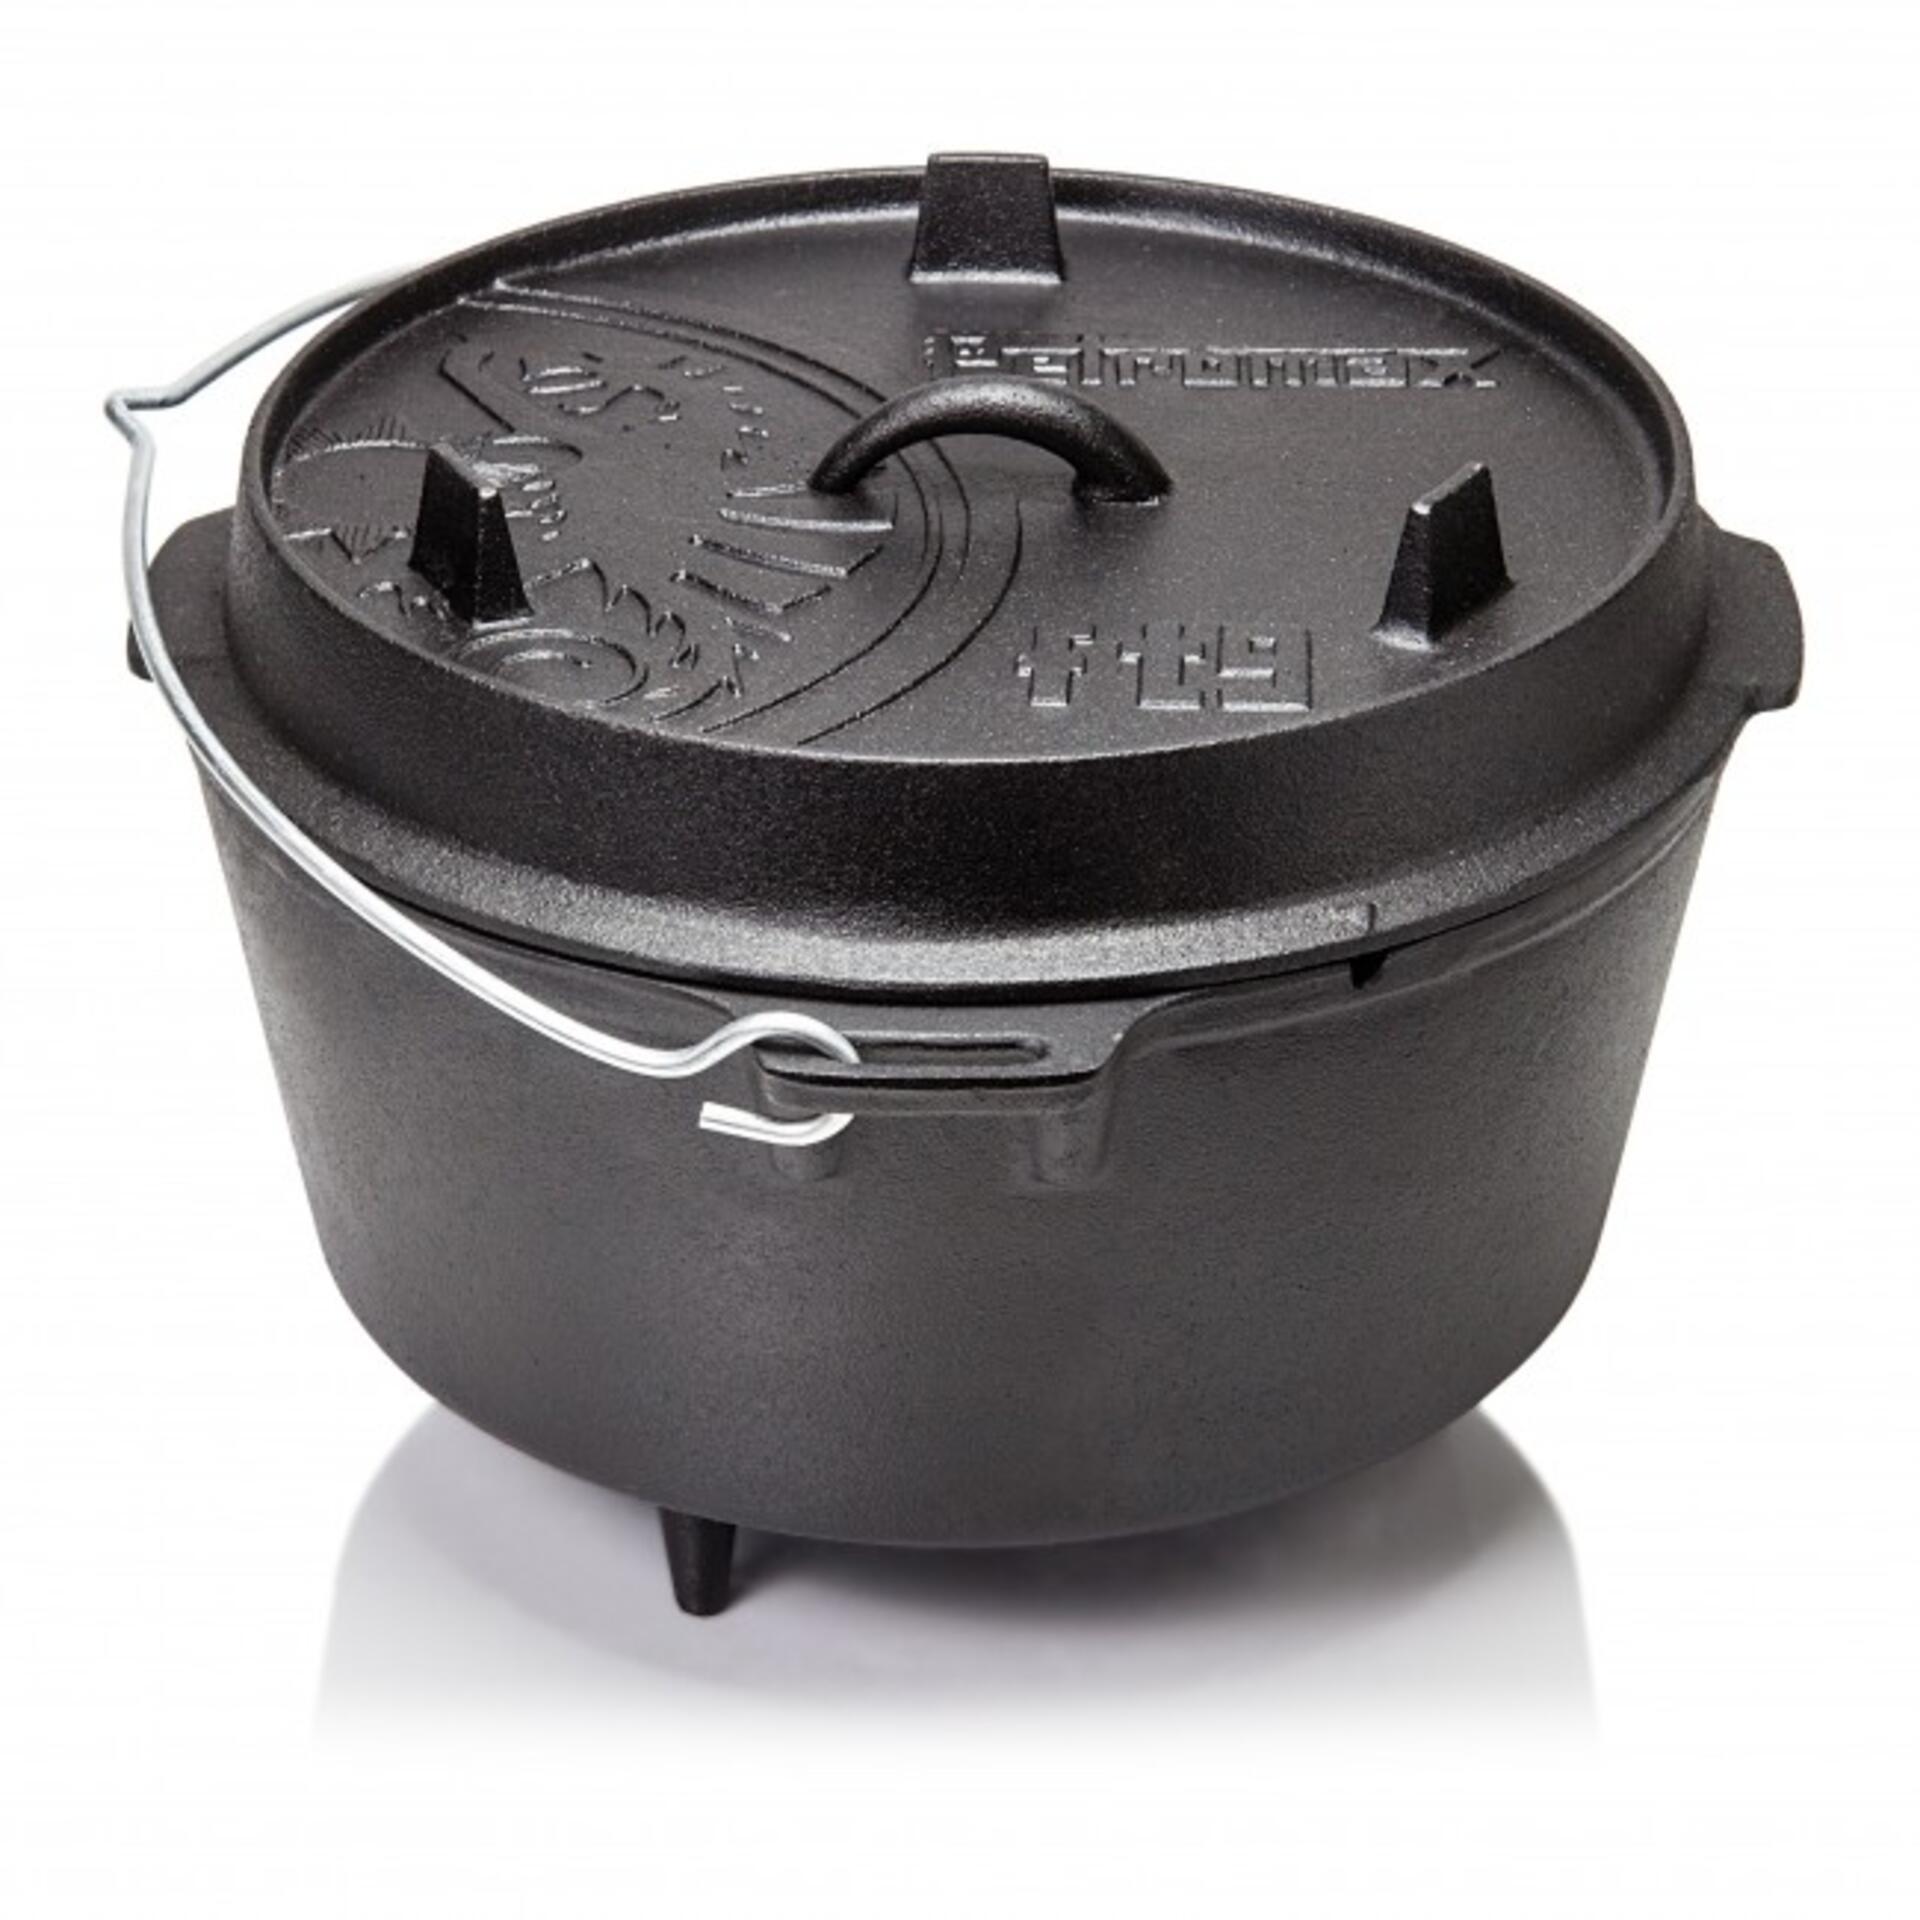 Petromax Gusseisen Feuertopf ft9 (Dutch Oven) mit Füßen 7,5 Liter